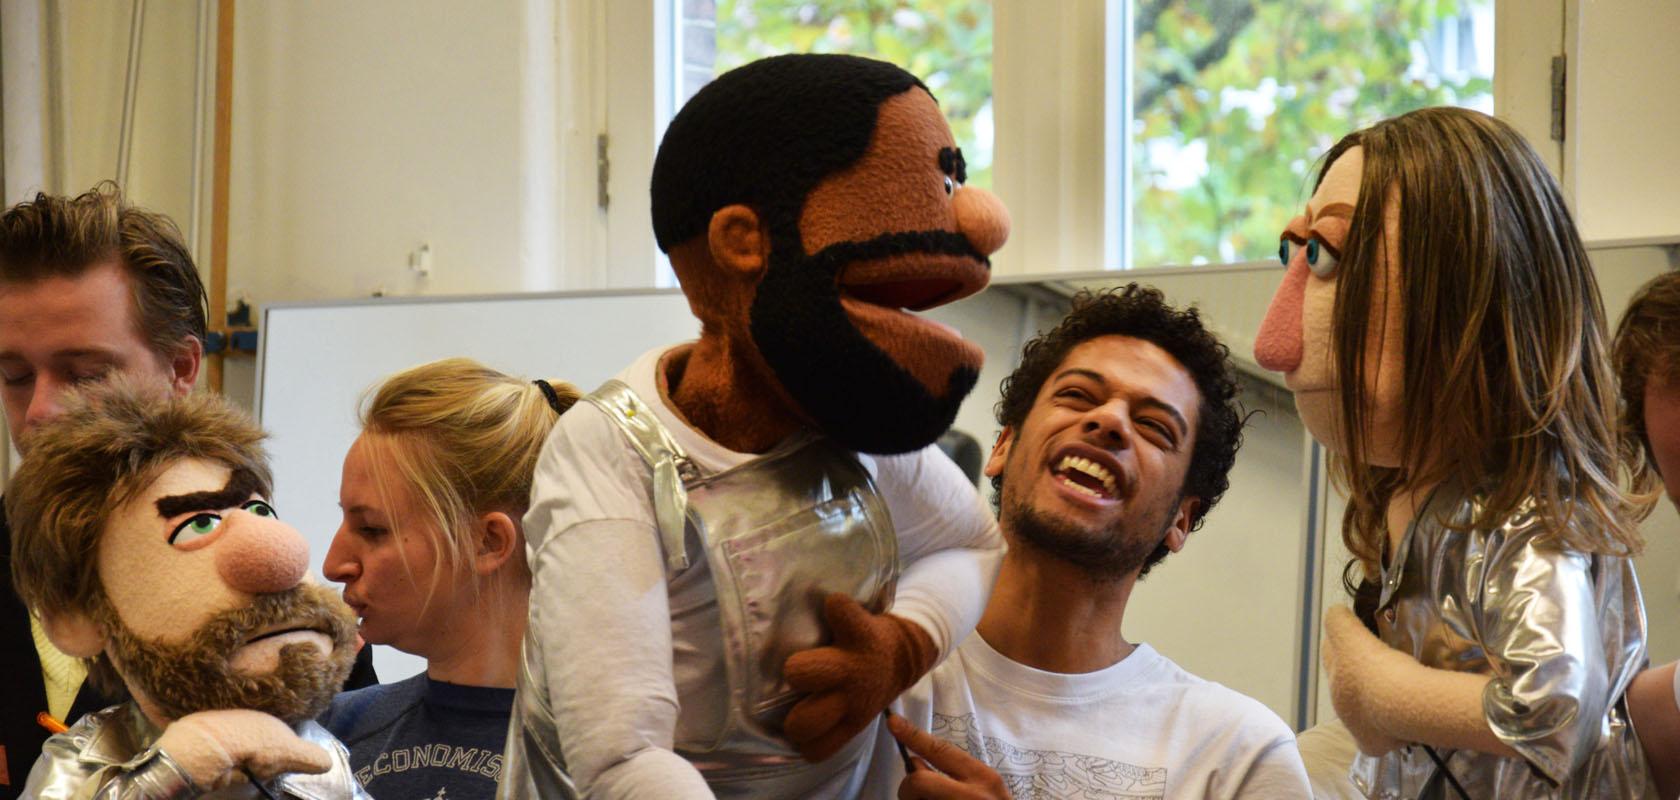 Making-of-Watskeburt-Beeld-Bos-Theaterproducties-2-lr